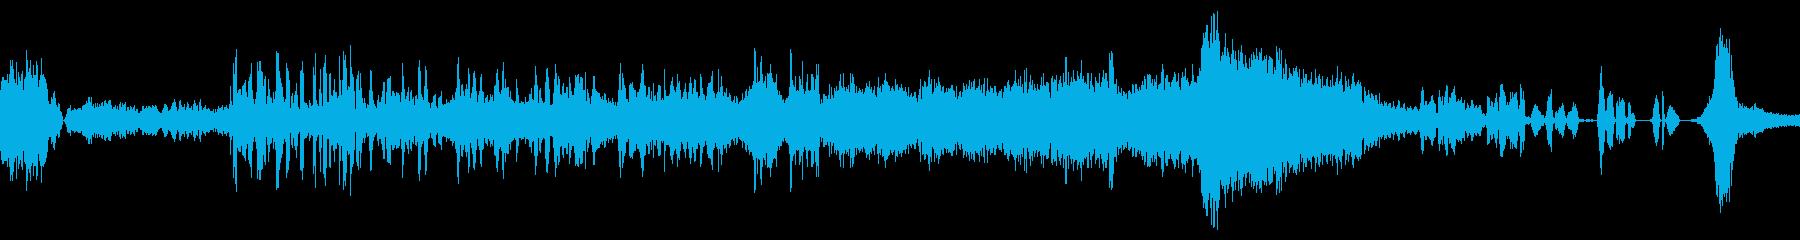 スペースファイターデュエル:スカベ...の再生済みの波形